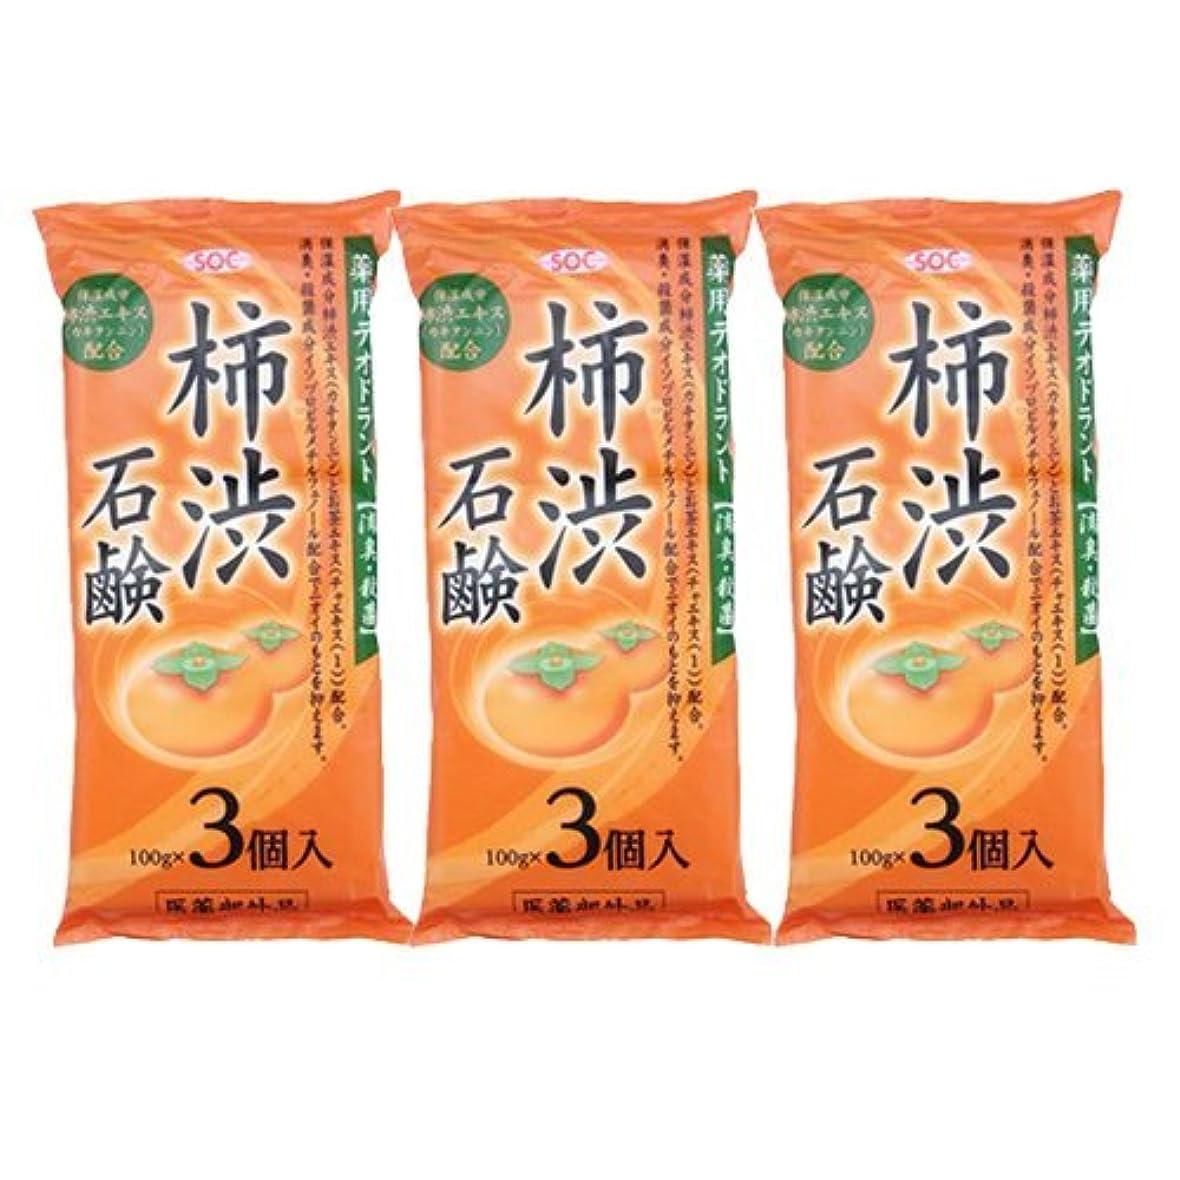 何もないひばり構成員渋谷油脂 SOC 薬用柿渋石鹸 3P ×3袋セット (100g×9個)